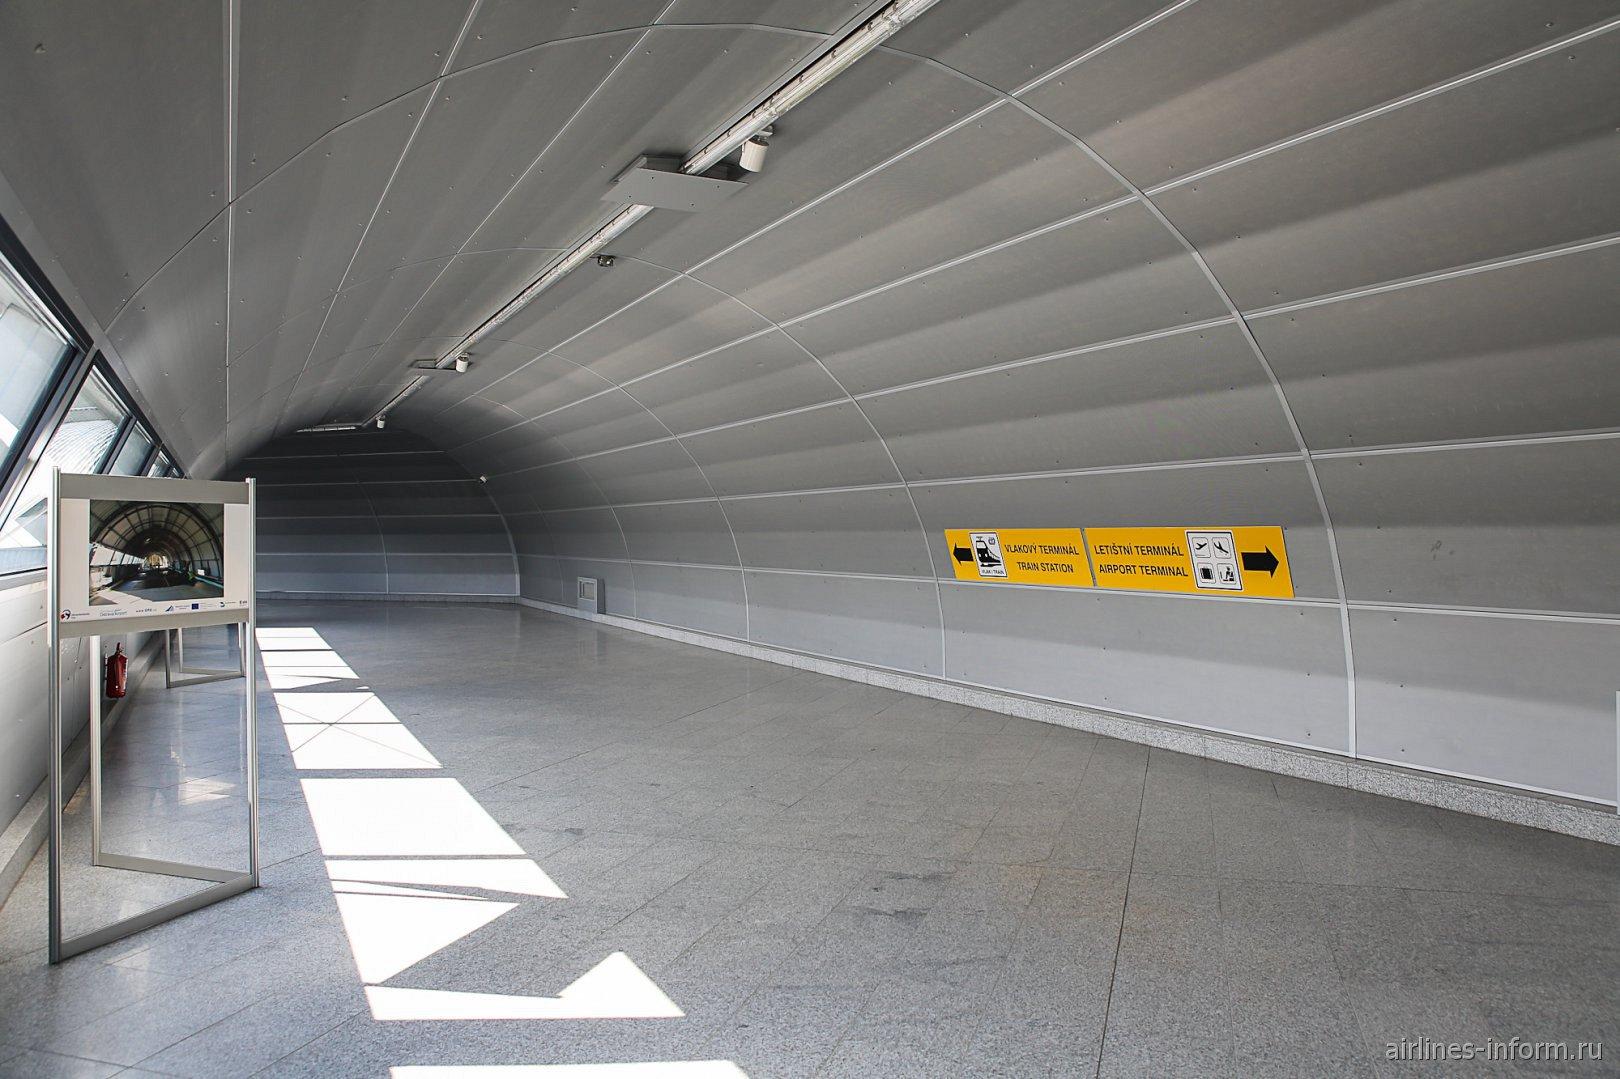 Переход между железнодорожной станцией и пассажирским терминалом в аэропорту Острава